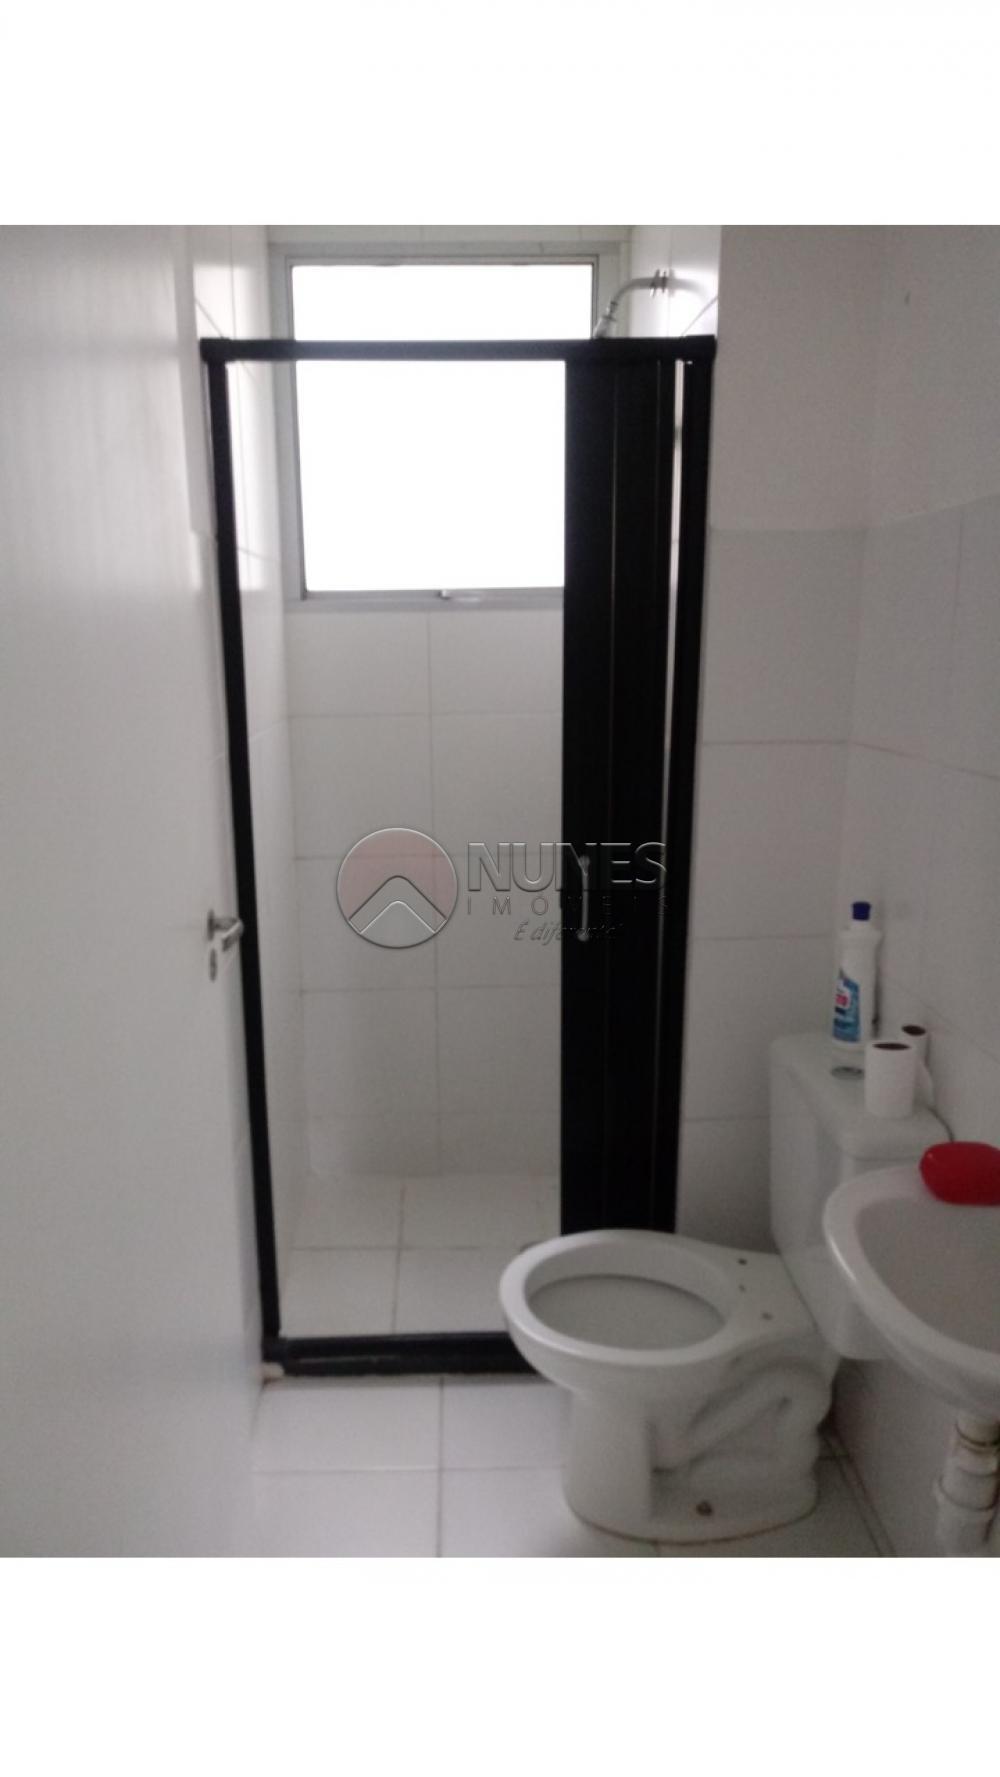 Comprar Apartamento / Padrão em Osasco apenas R$ 145.000,00 - Foto 8